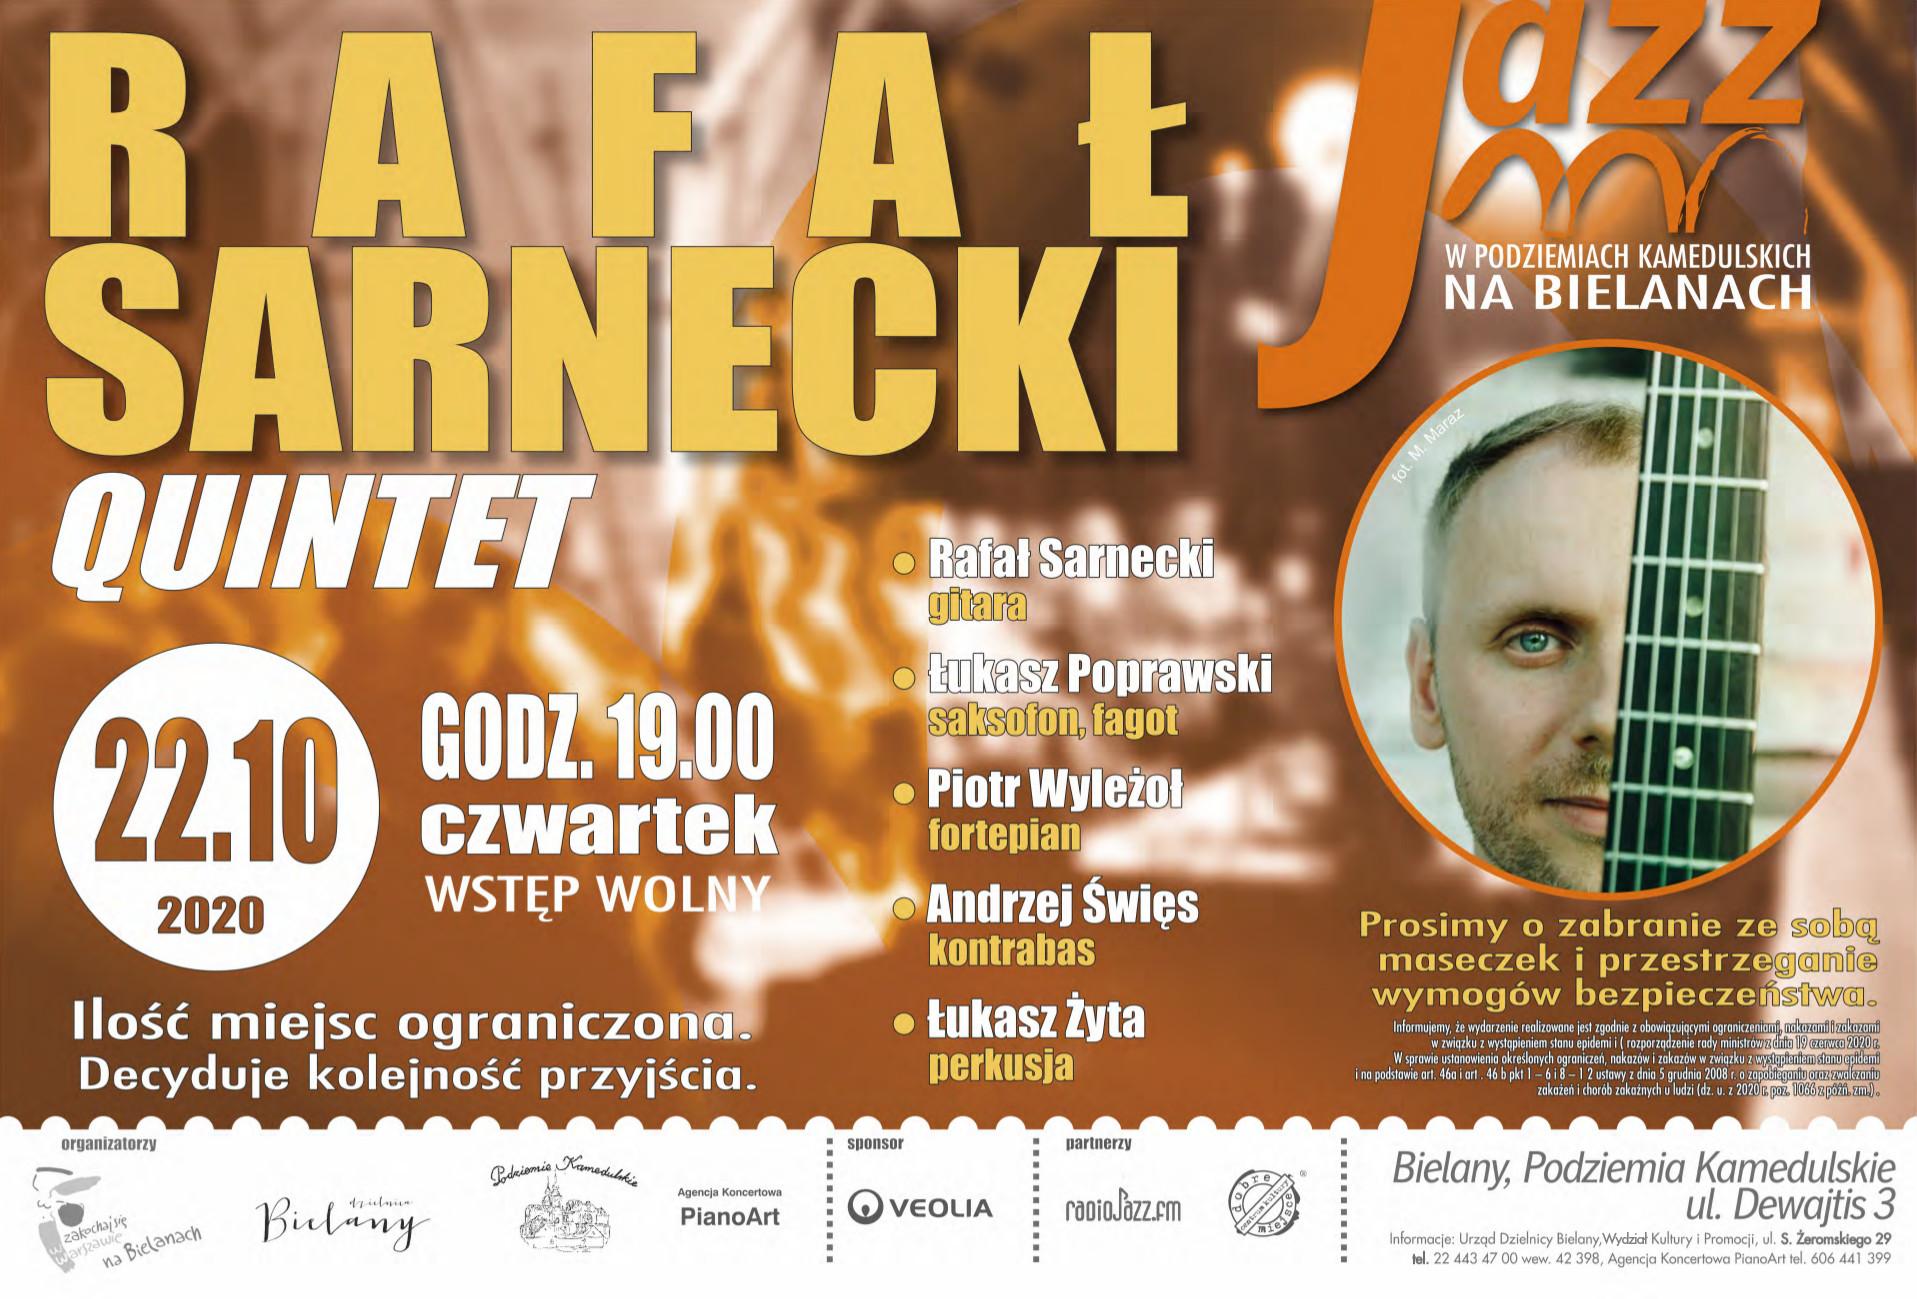 1. Rafał Sarnecki Quintet 22.10 plakat